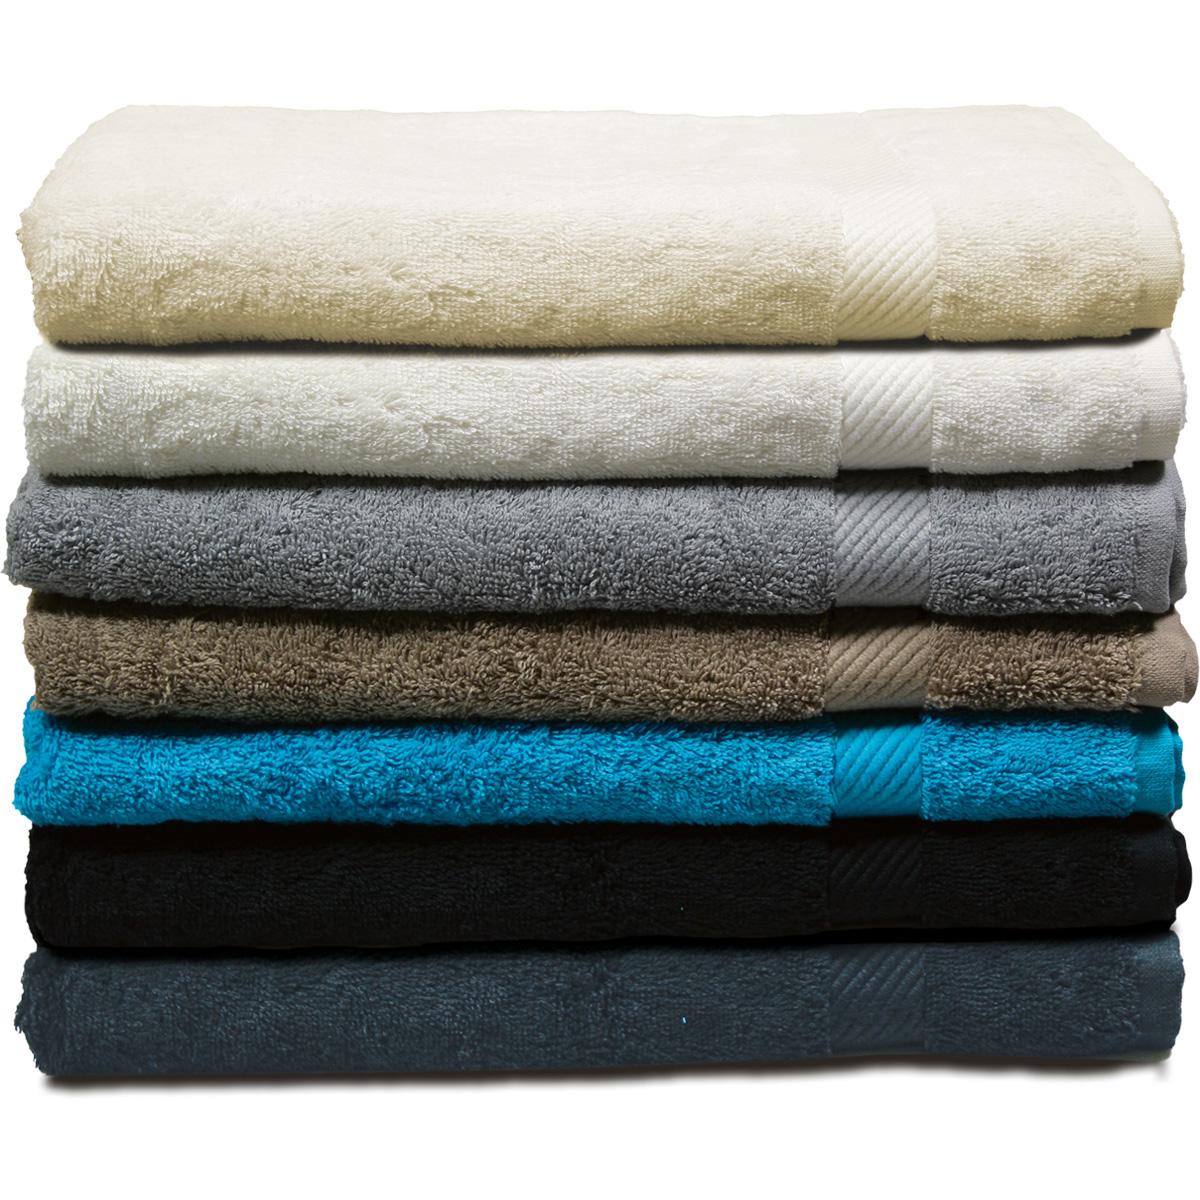 Polydaun handdoeken